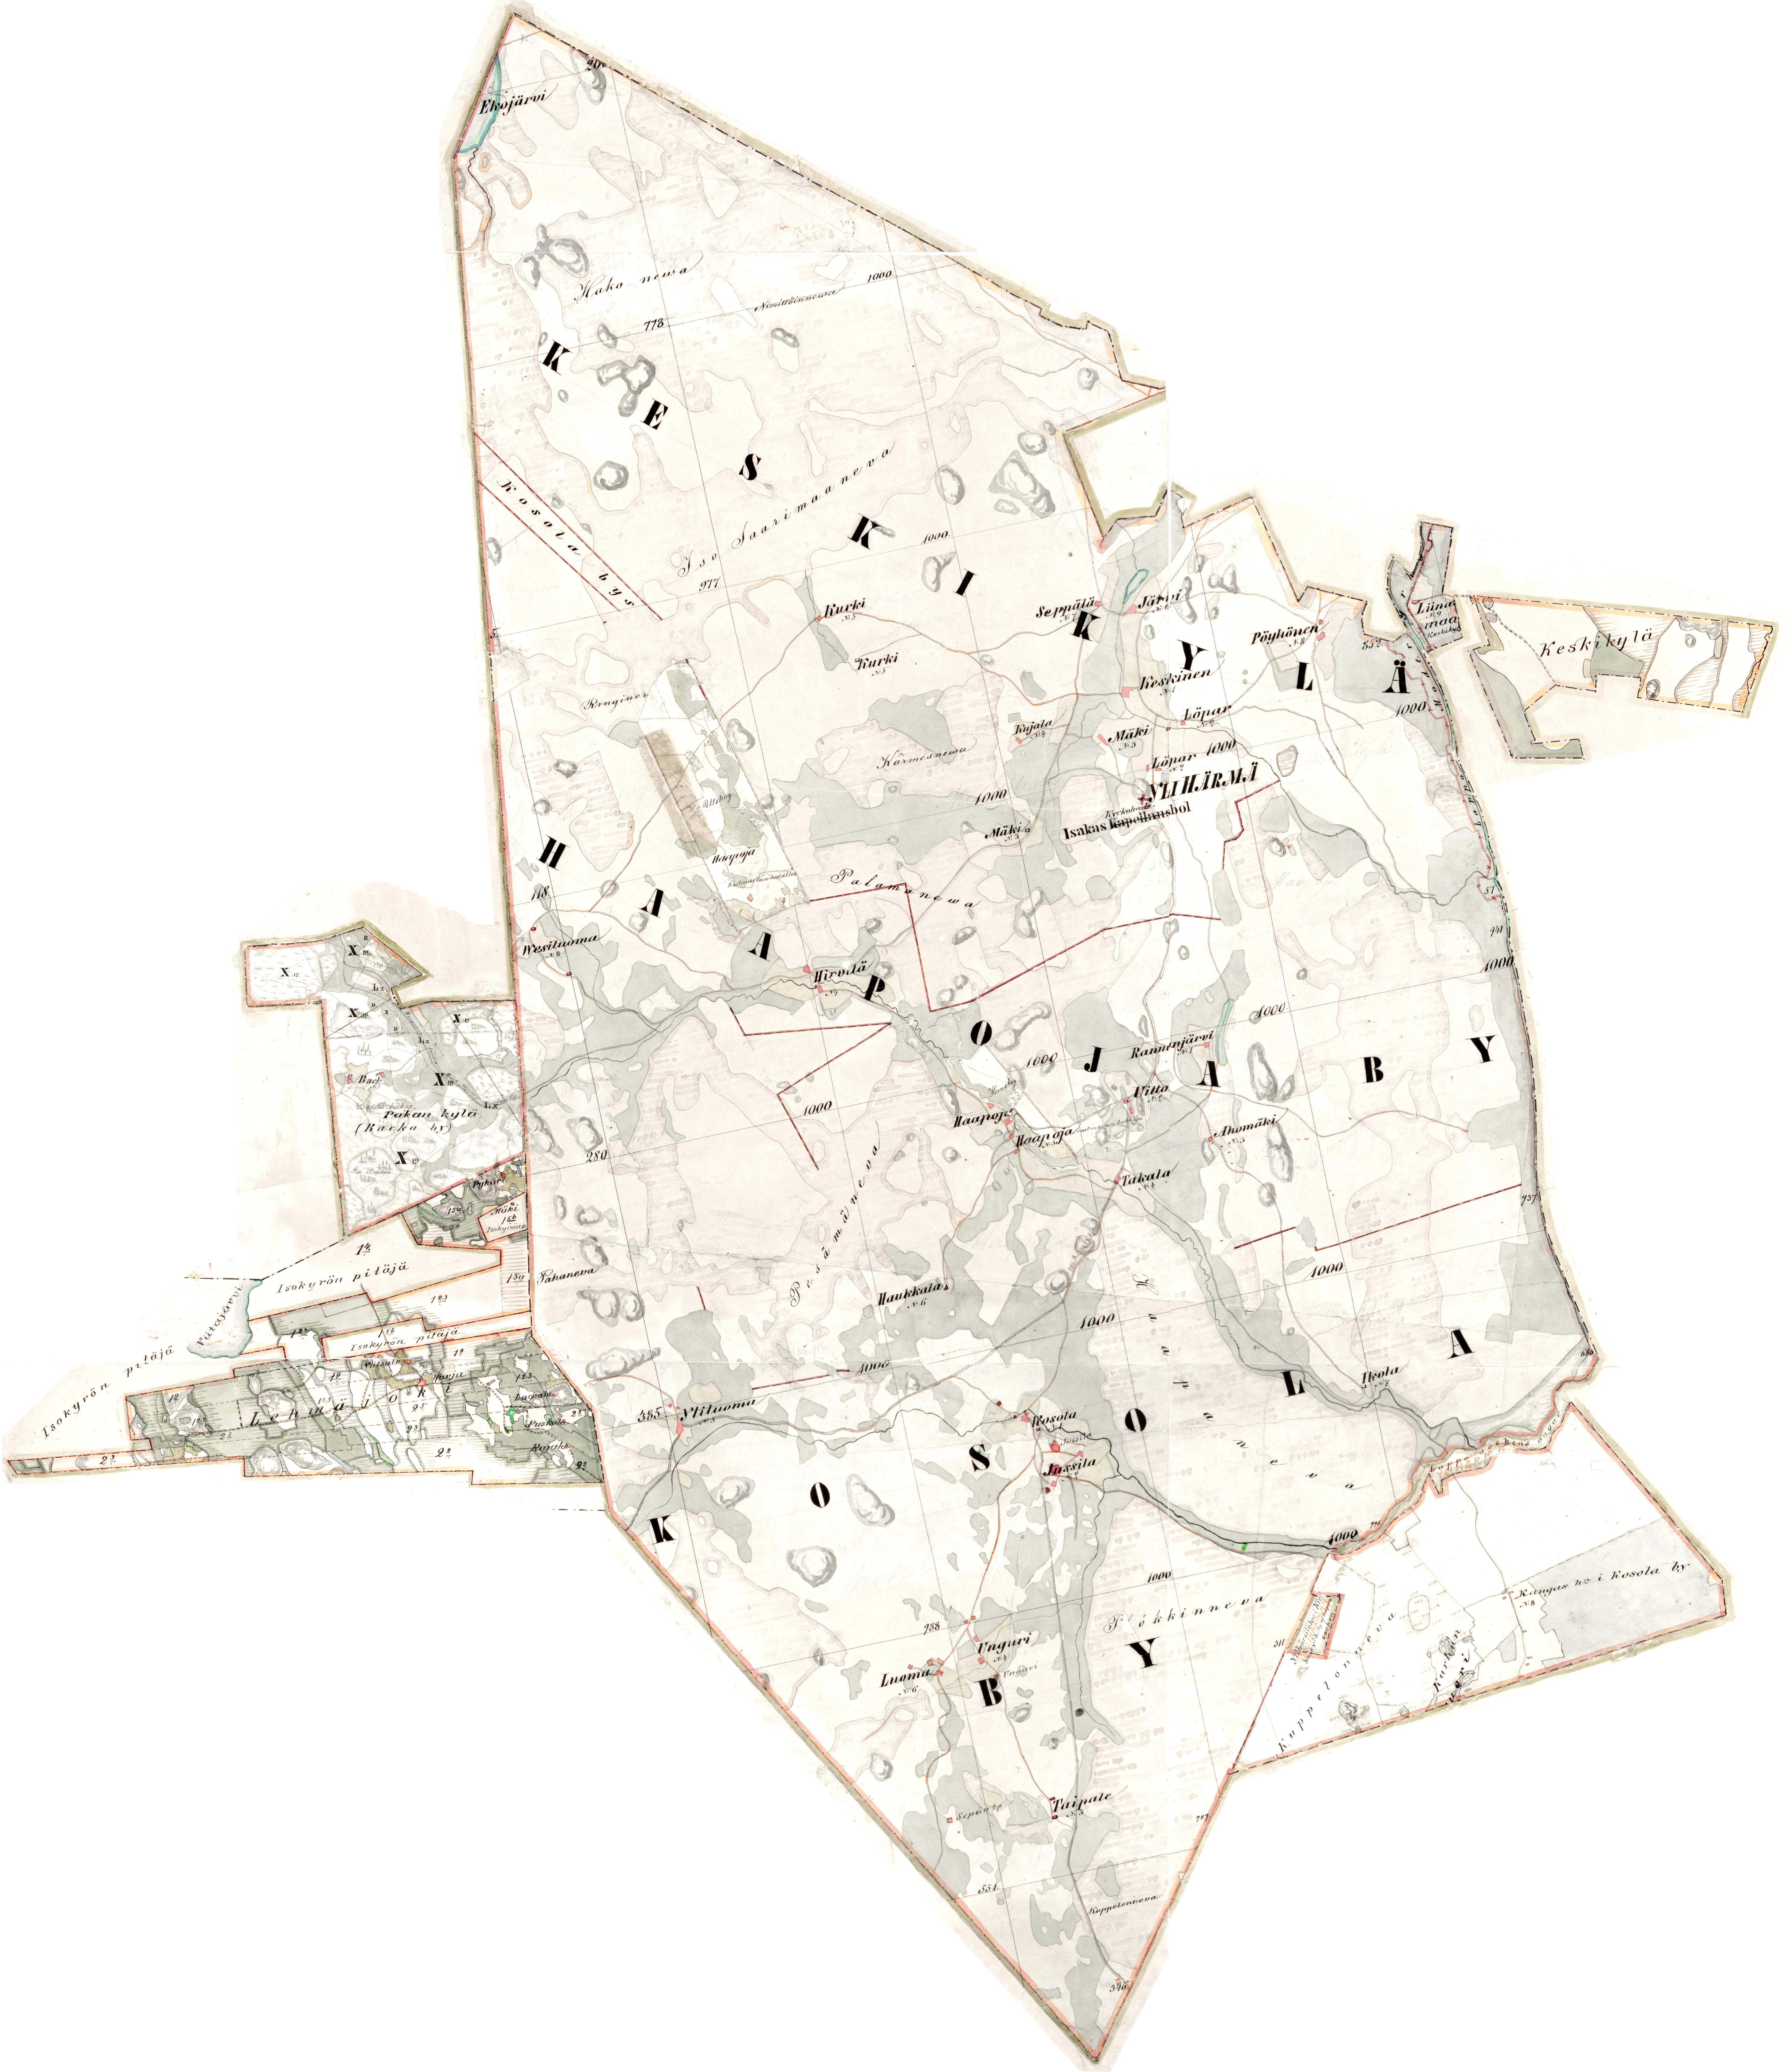 Index Of Kartat Pitajankartat Uusi Pitajankartasto 1828 1915